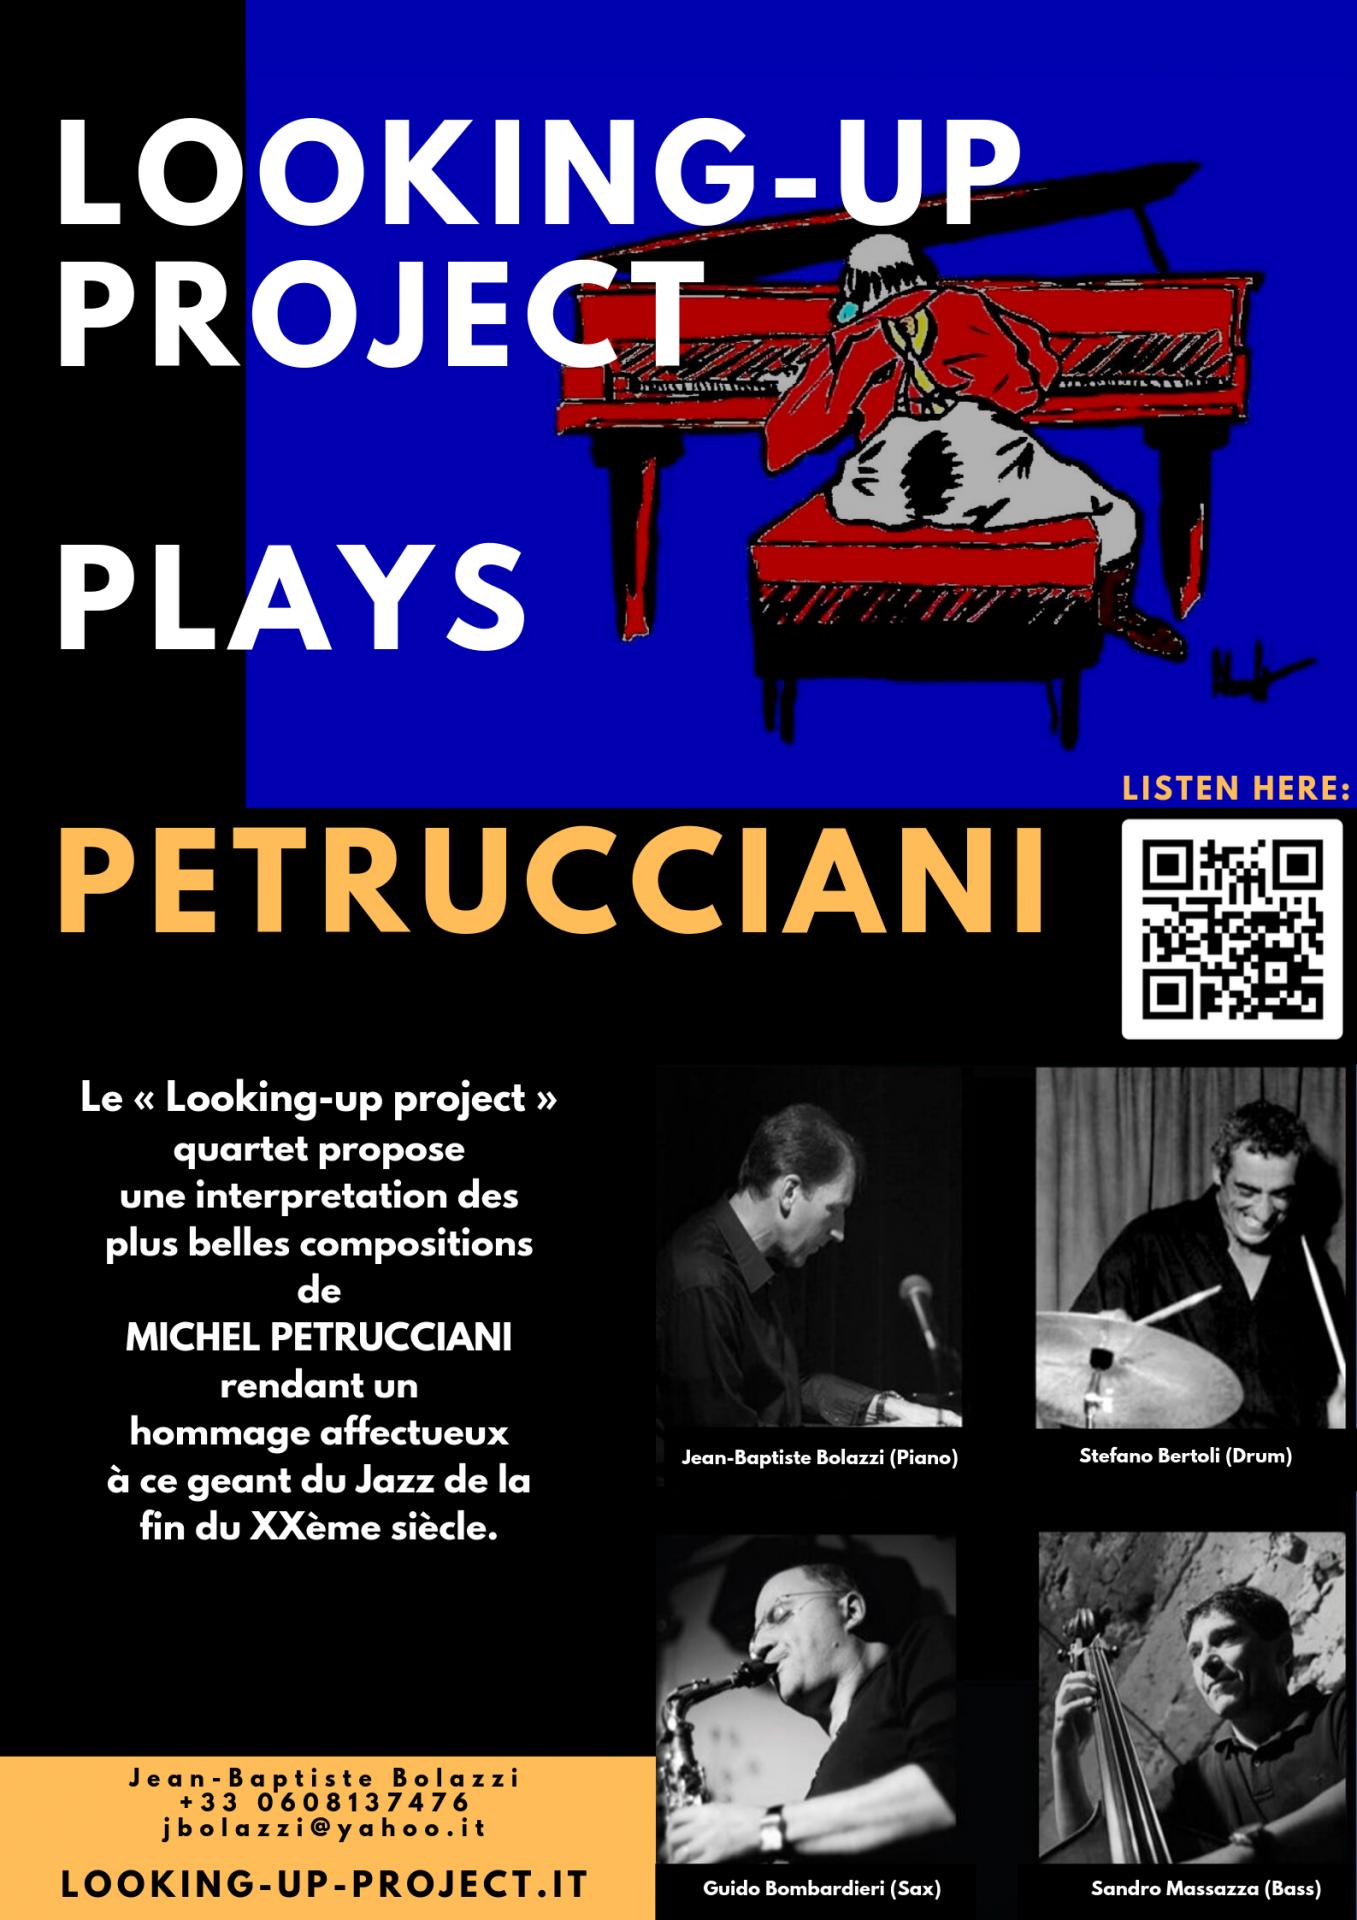 Affiche hommage petrucciani francais sept 2019 copie